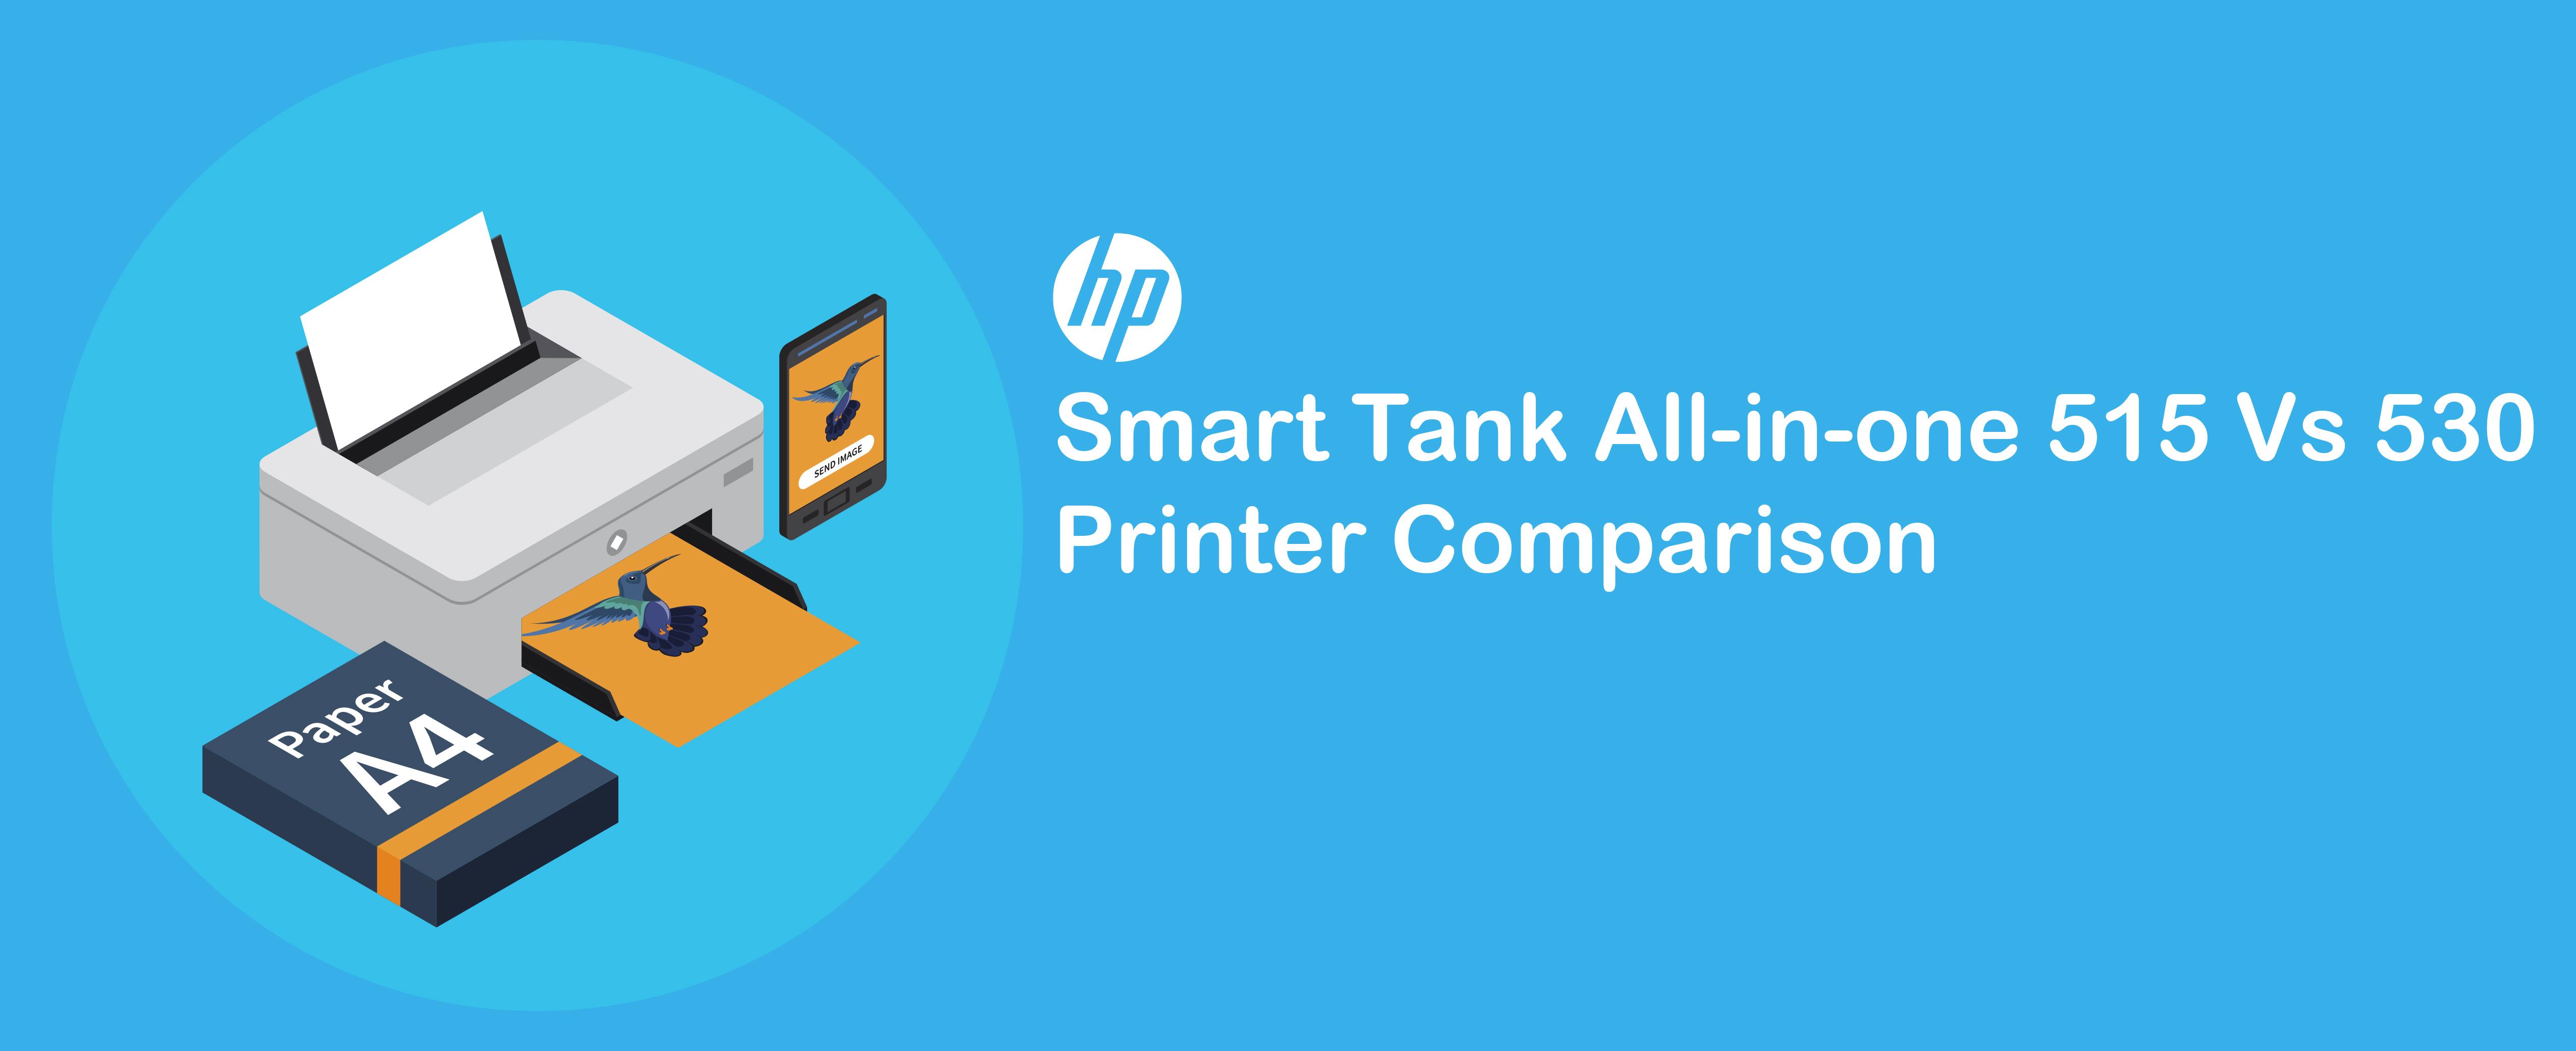 HP 515 Vs 530 Smart Tank Printer Comparison